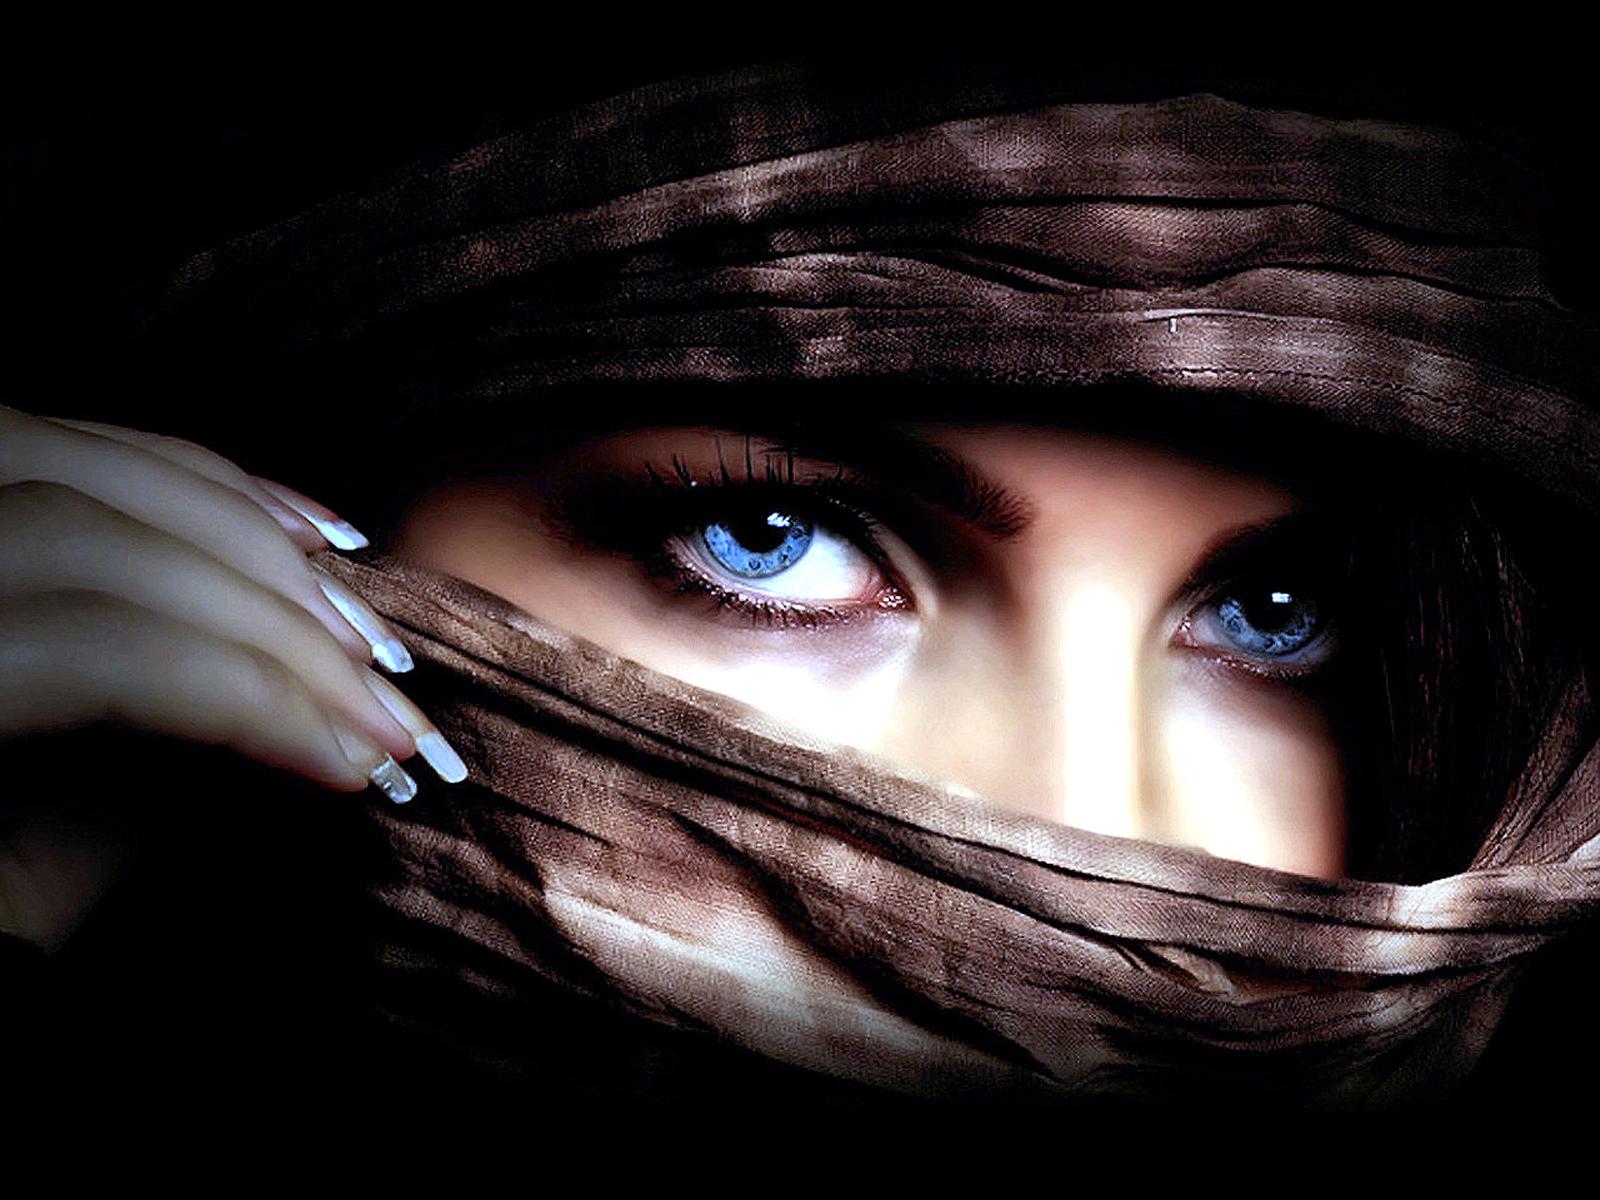 Vrouwen - Oog  - Blue Eyes - Magnificent Achtergrond